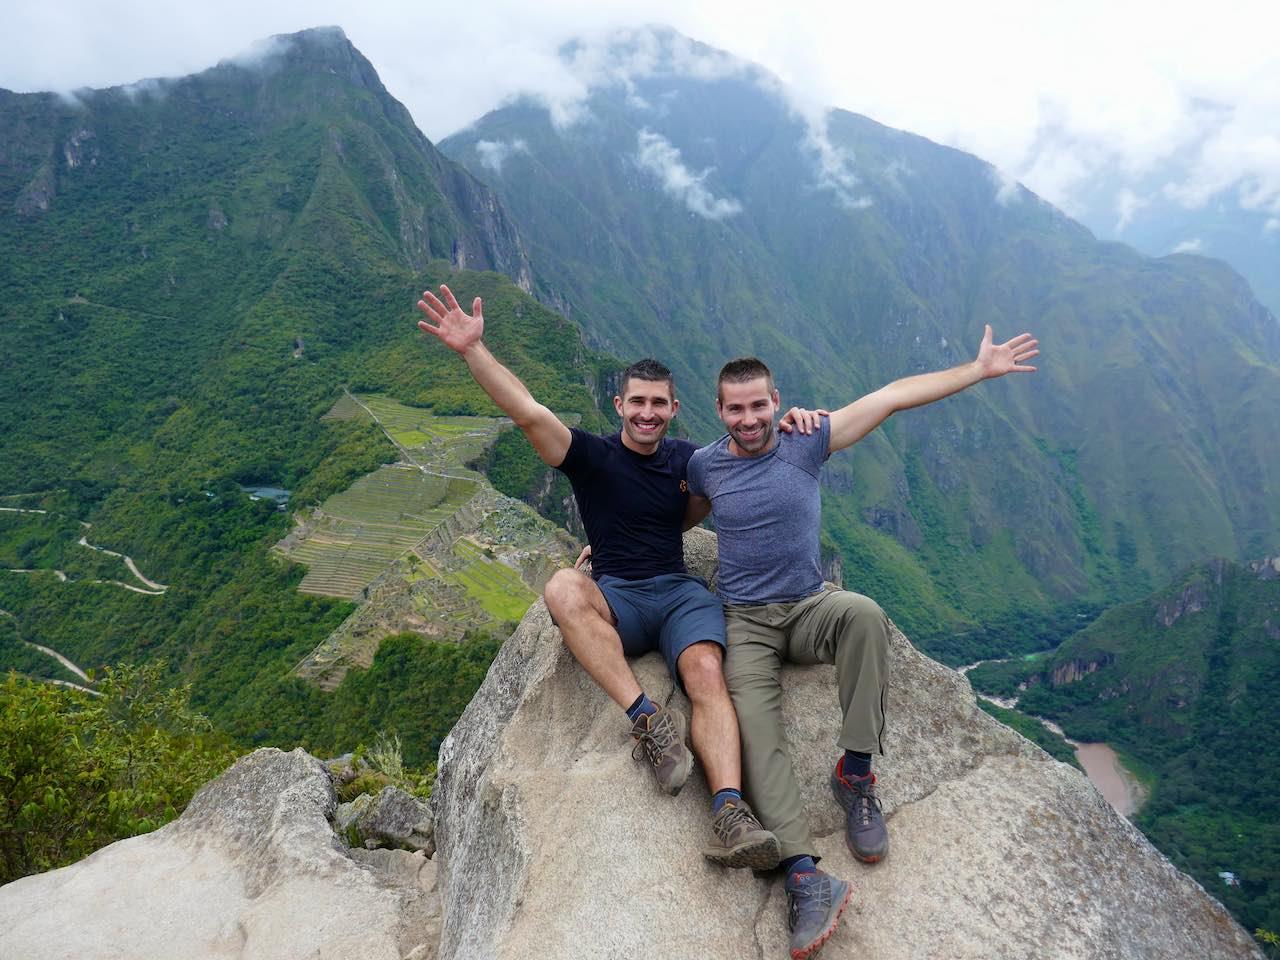 Wayna Picchu Peru